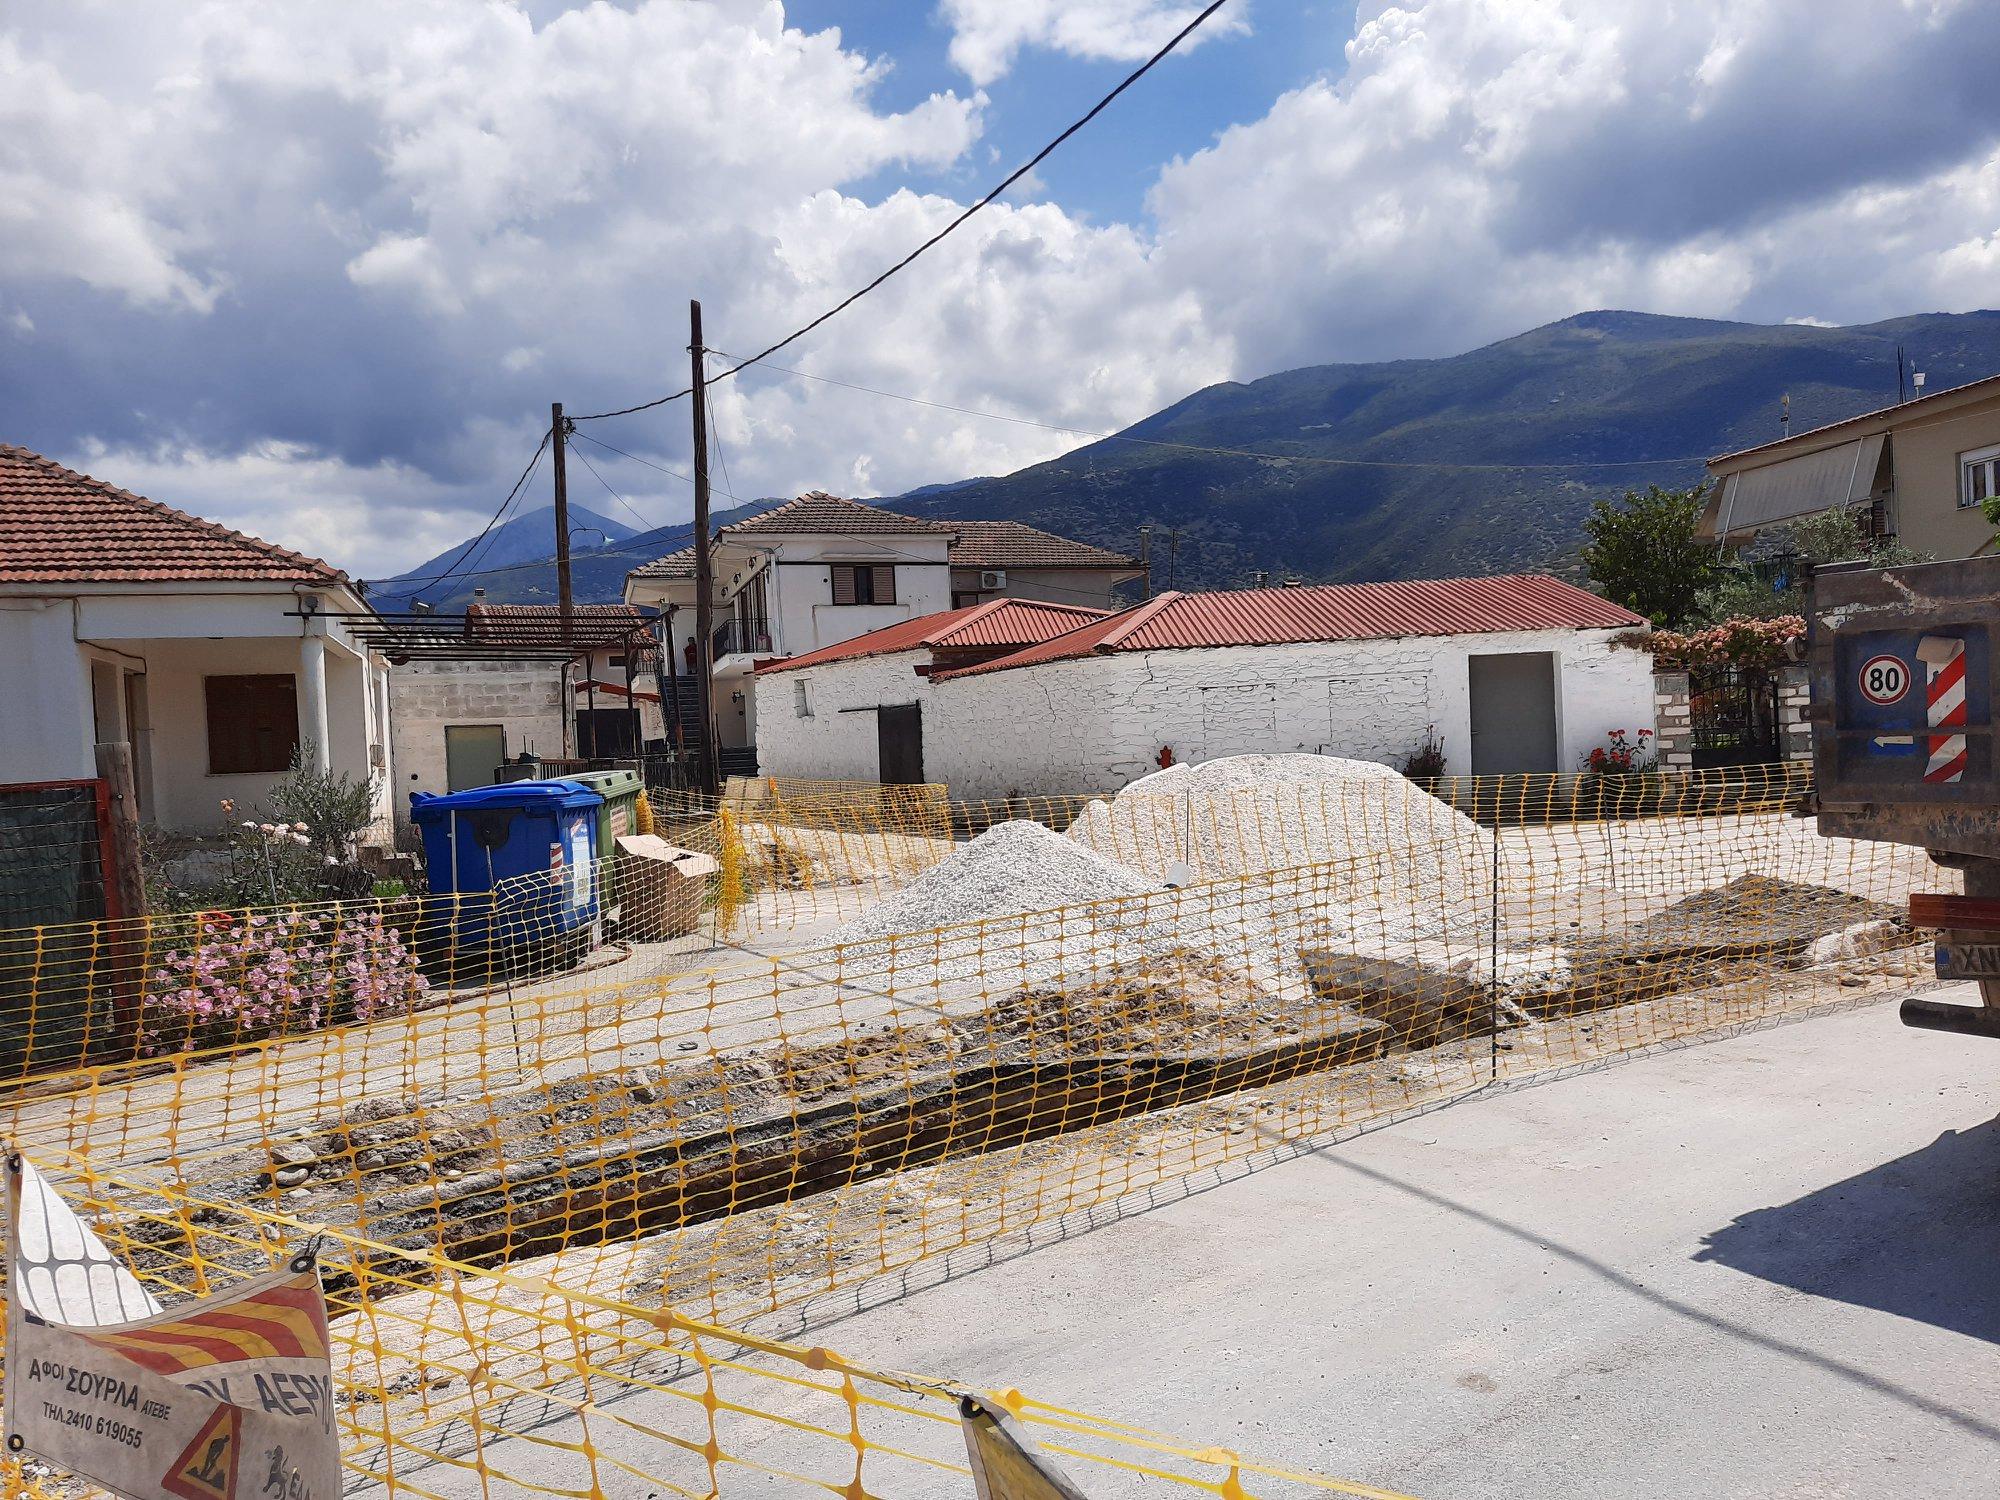 Άρχισε η κατασκευή του δικτύου διανομής αερίου στο Συκούριο του δήμου Τεμπών